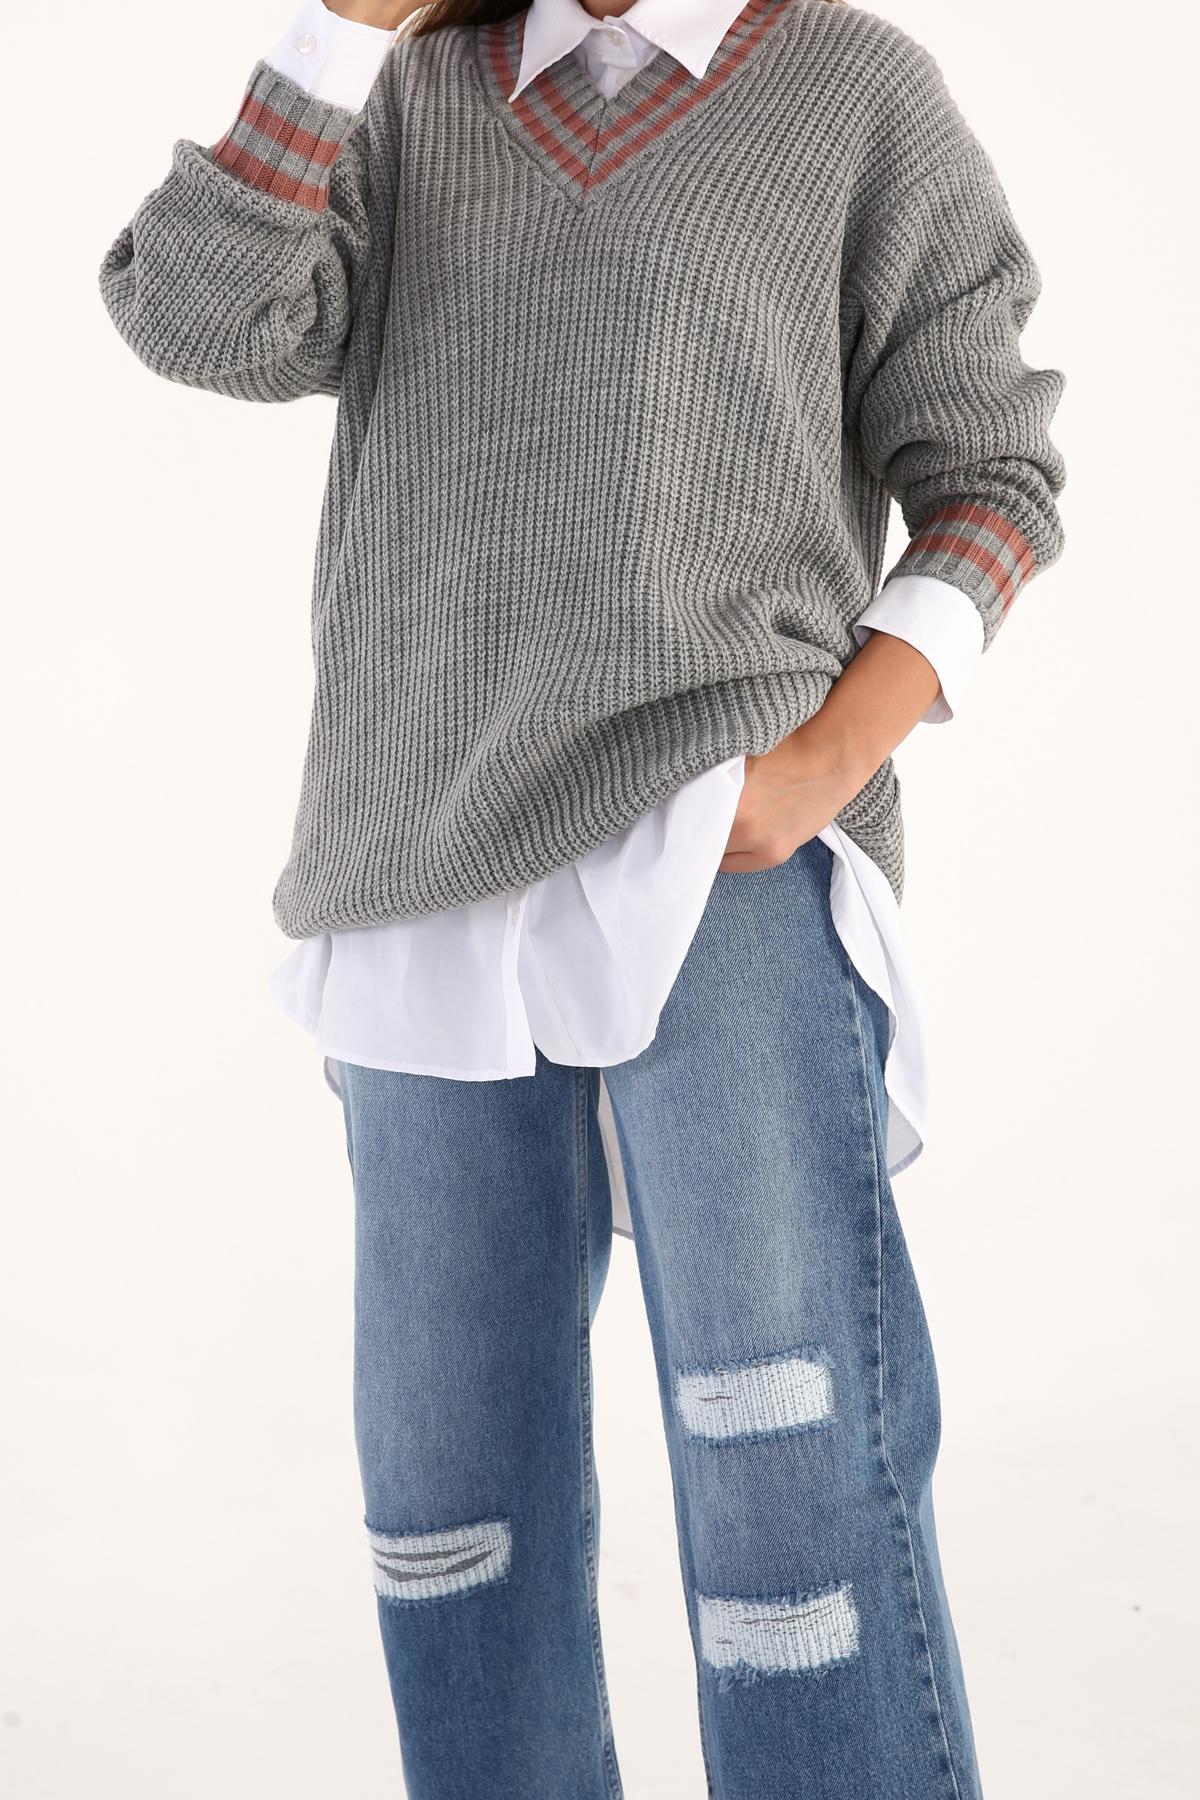 Stripe V Neck Knitwear Sweater